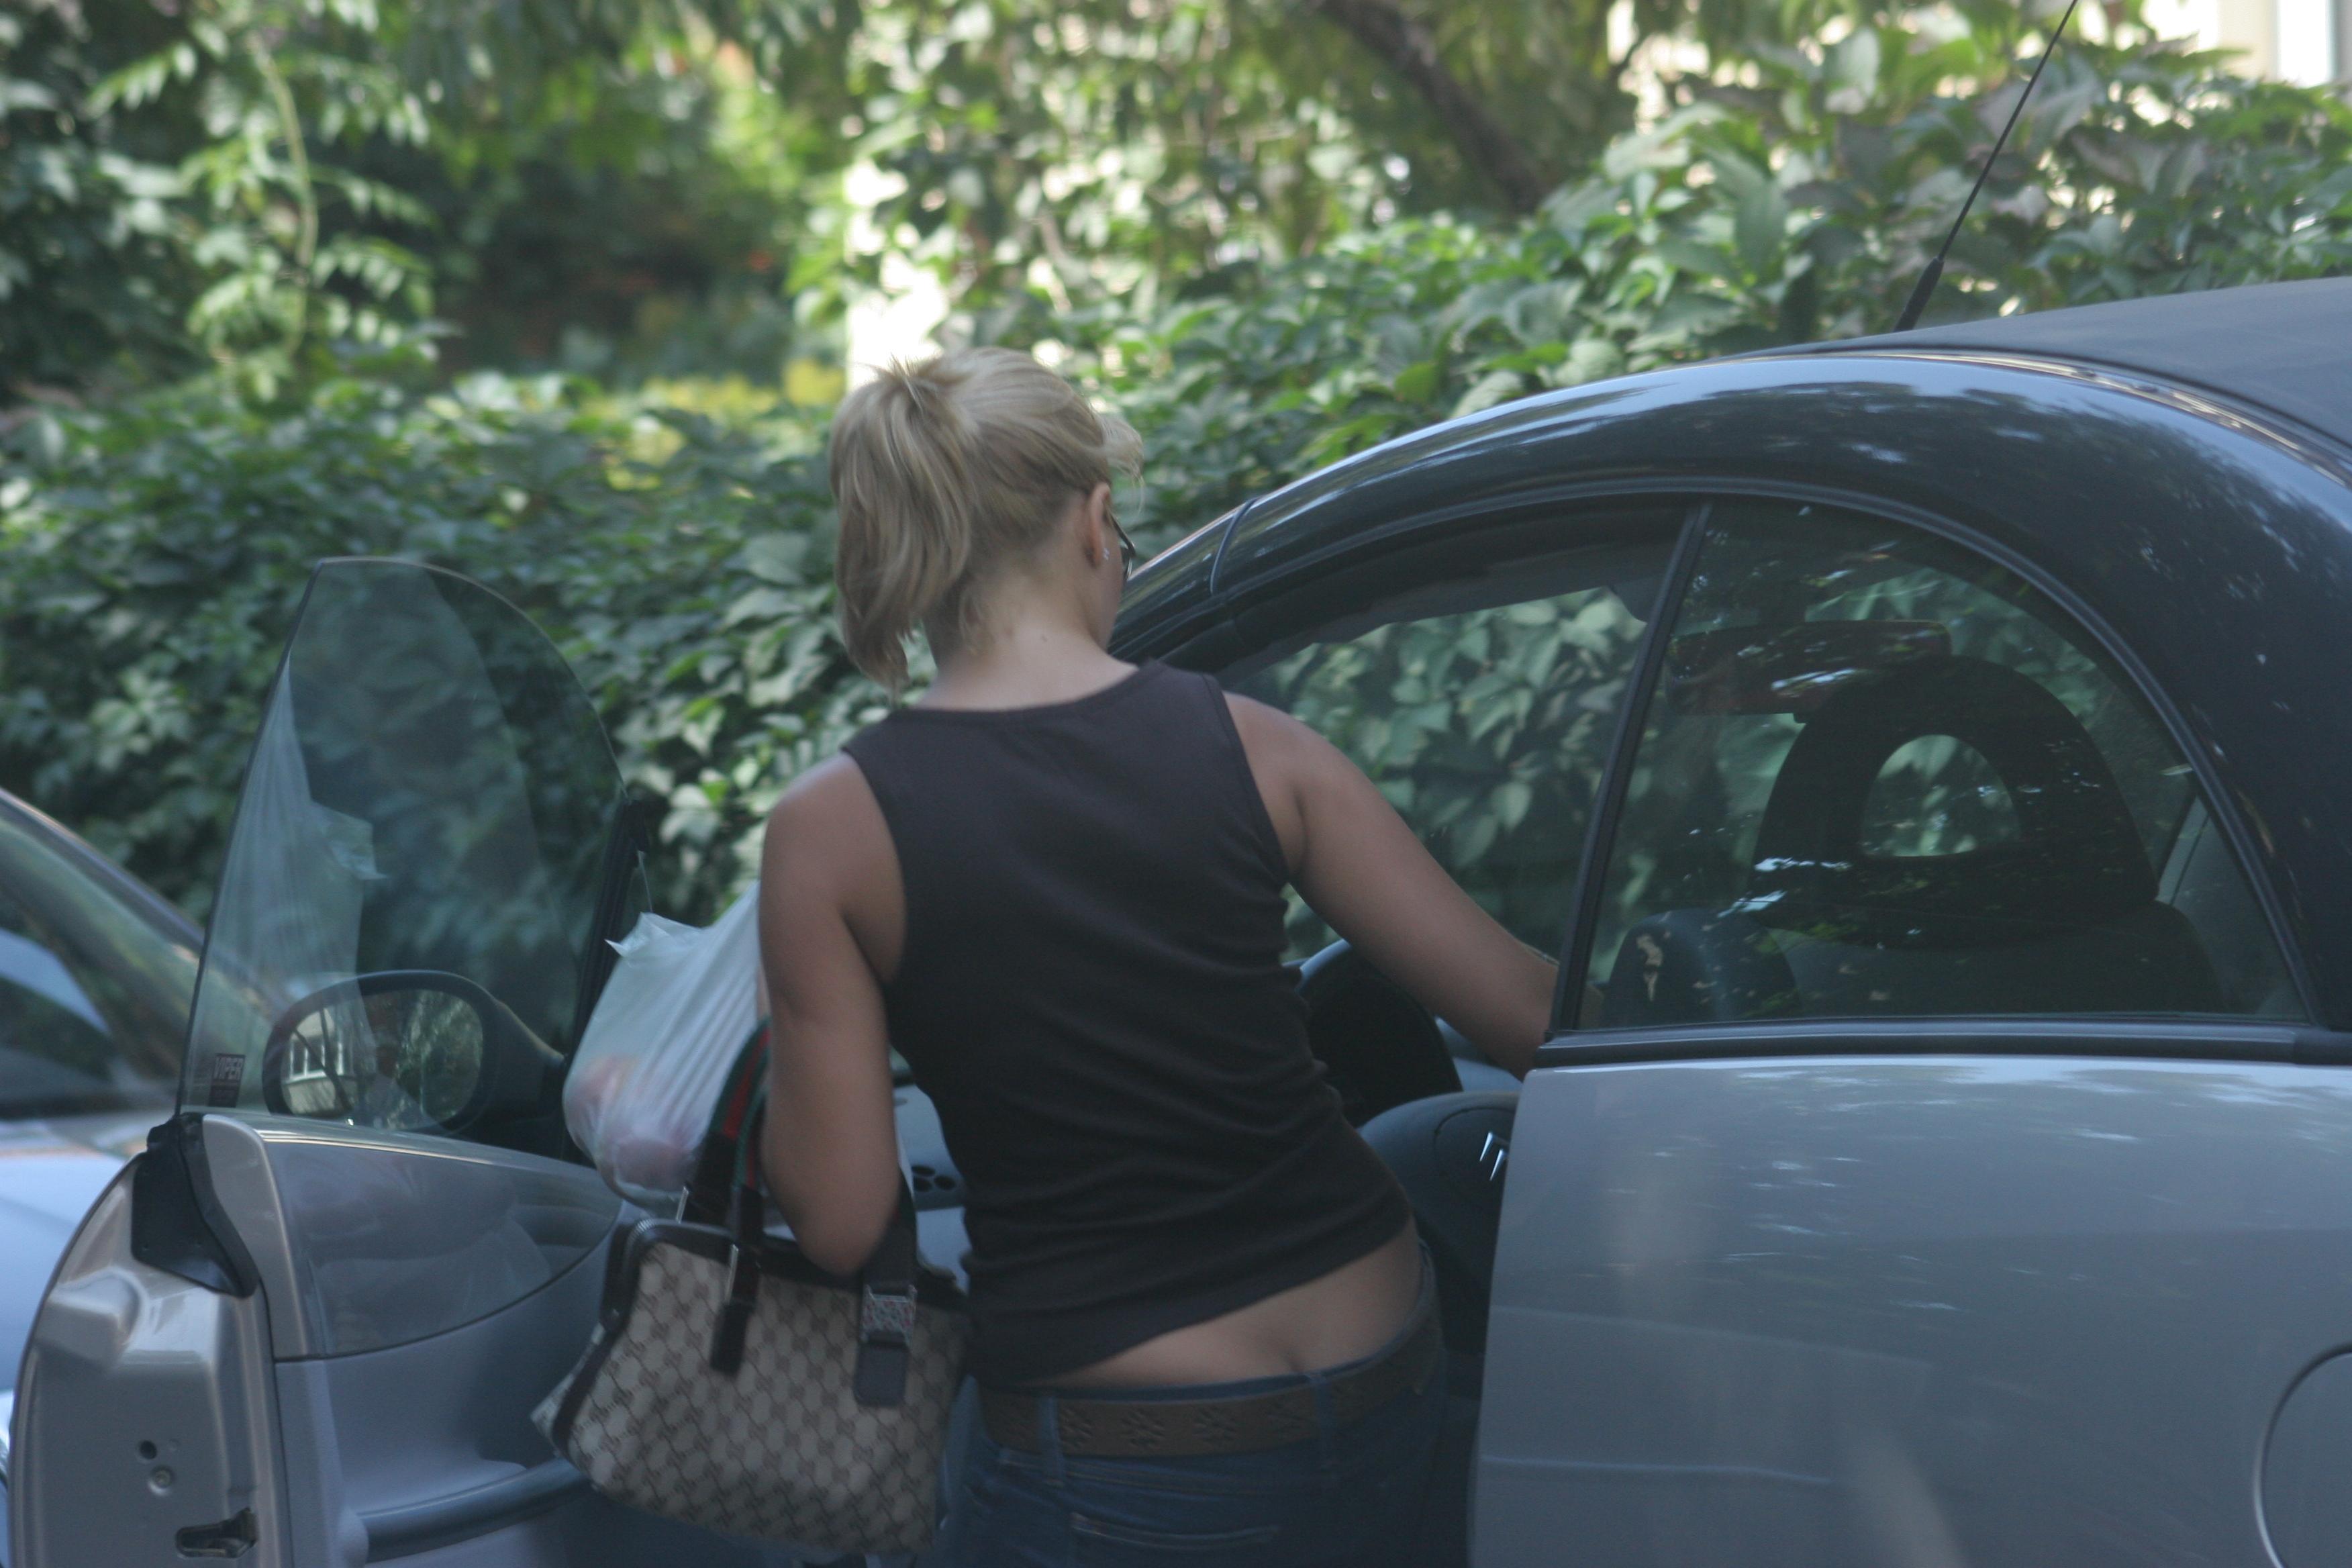 Gina Pistol nu a rămas nici ea mai în urmă, iar pantalonii cu talie joasă i-au dezgolit posteriorul